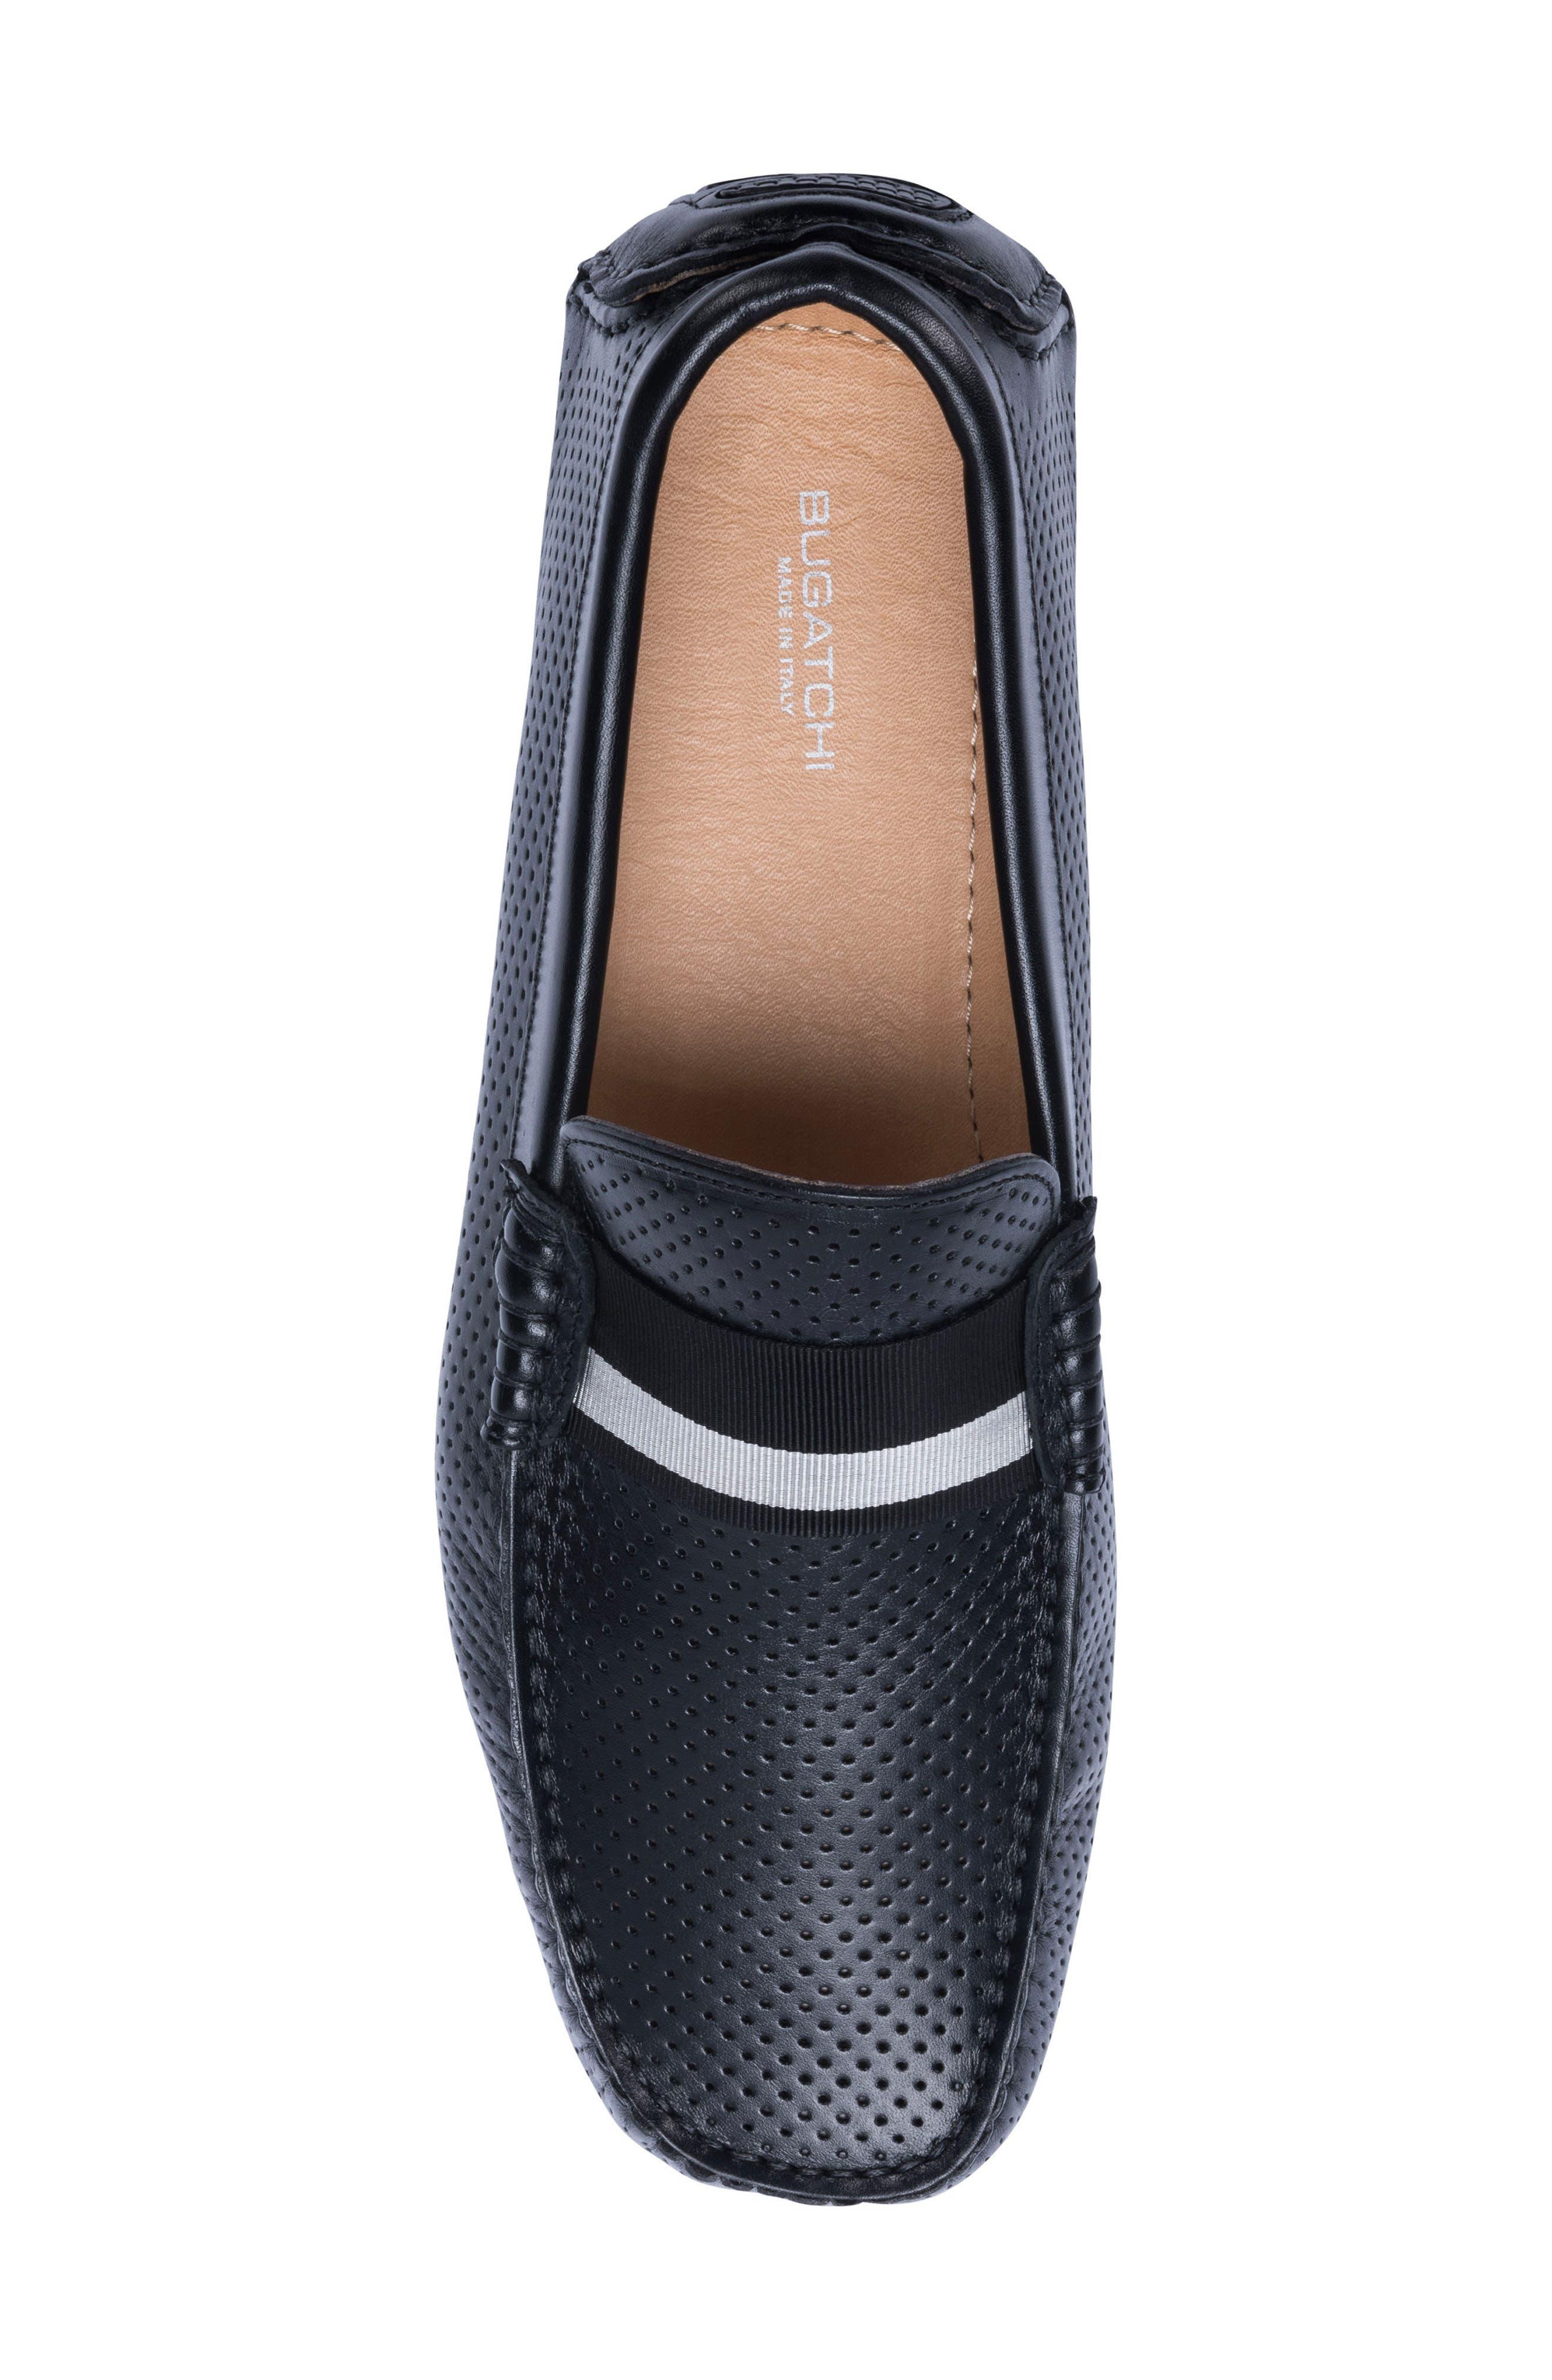 Sardegna Driving Shoe,                             Alternate thumbnail 5, color,                             BLACK